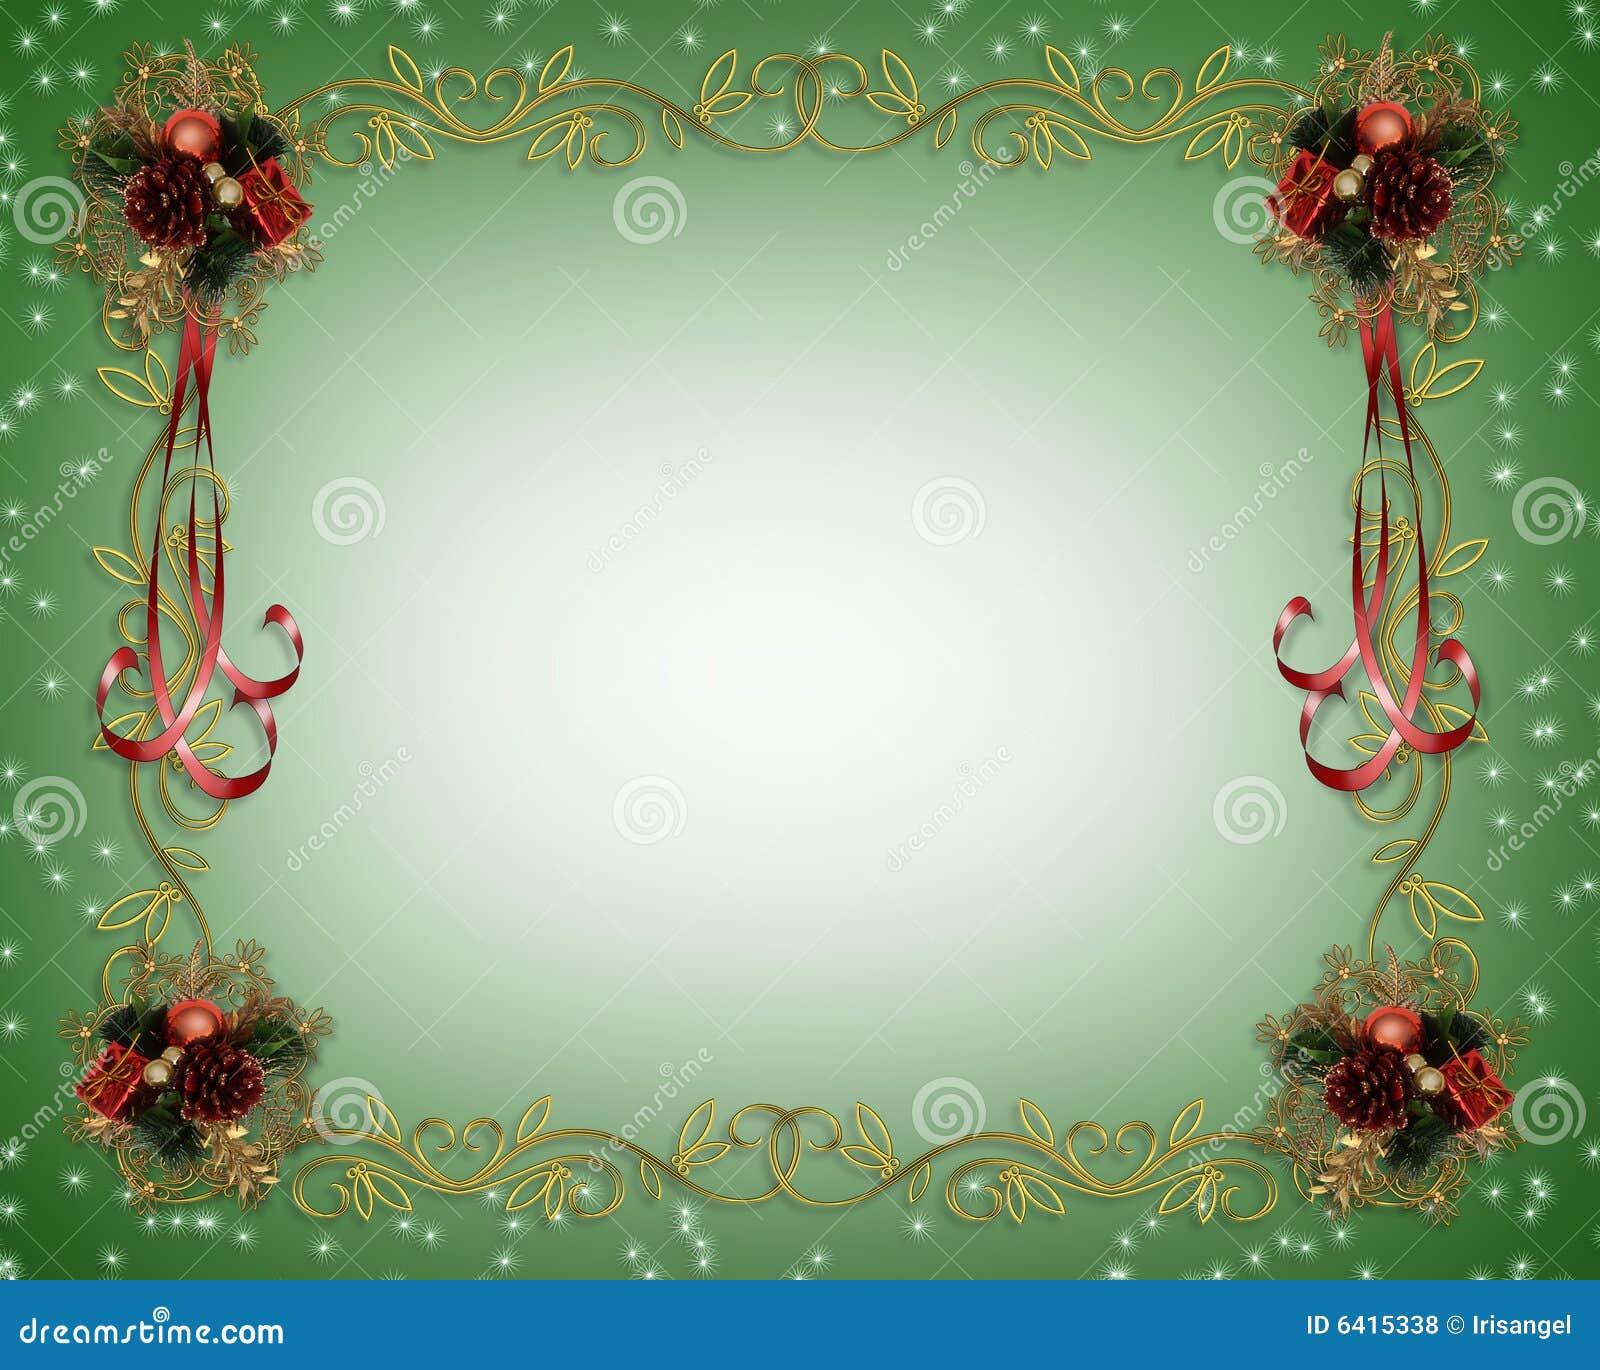 christmas frame fancy border stock illustration